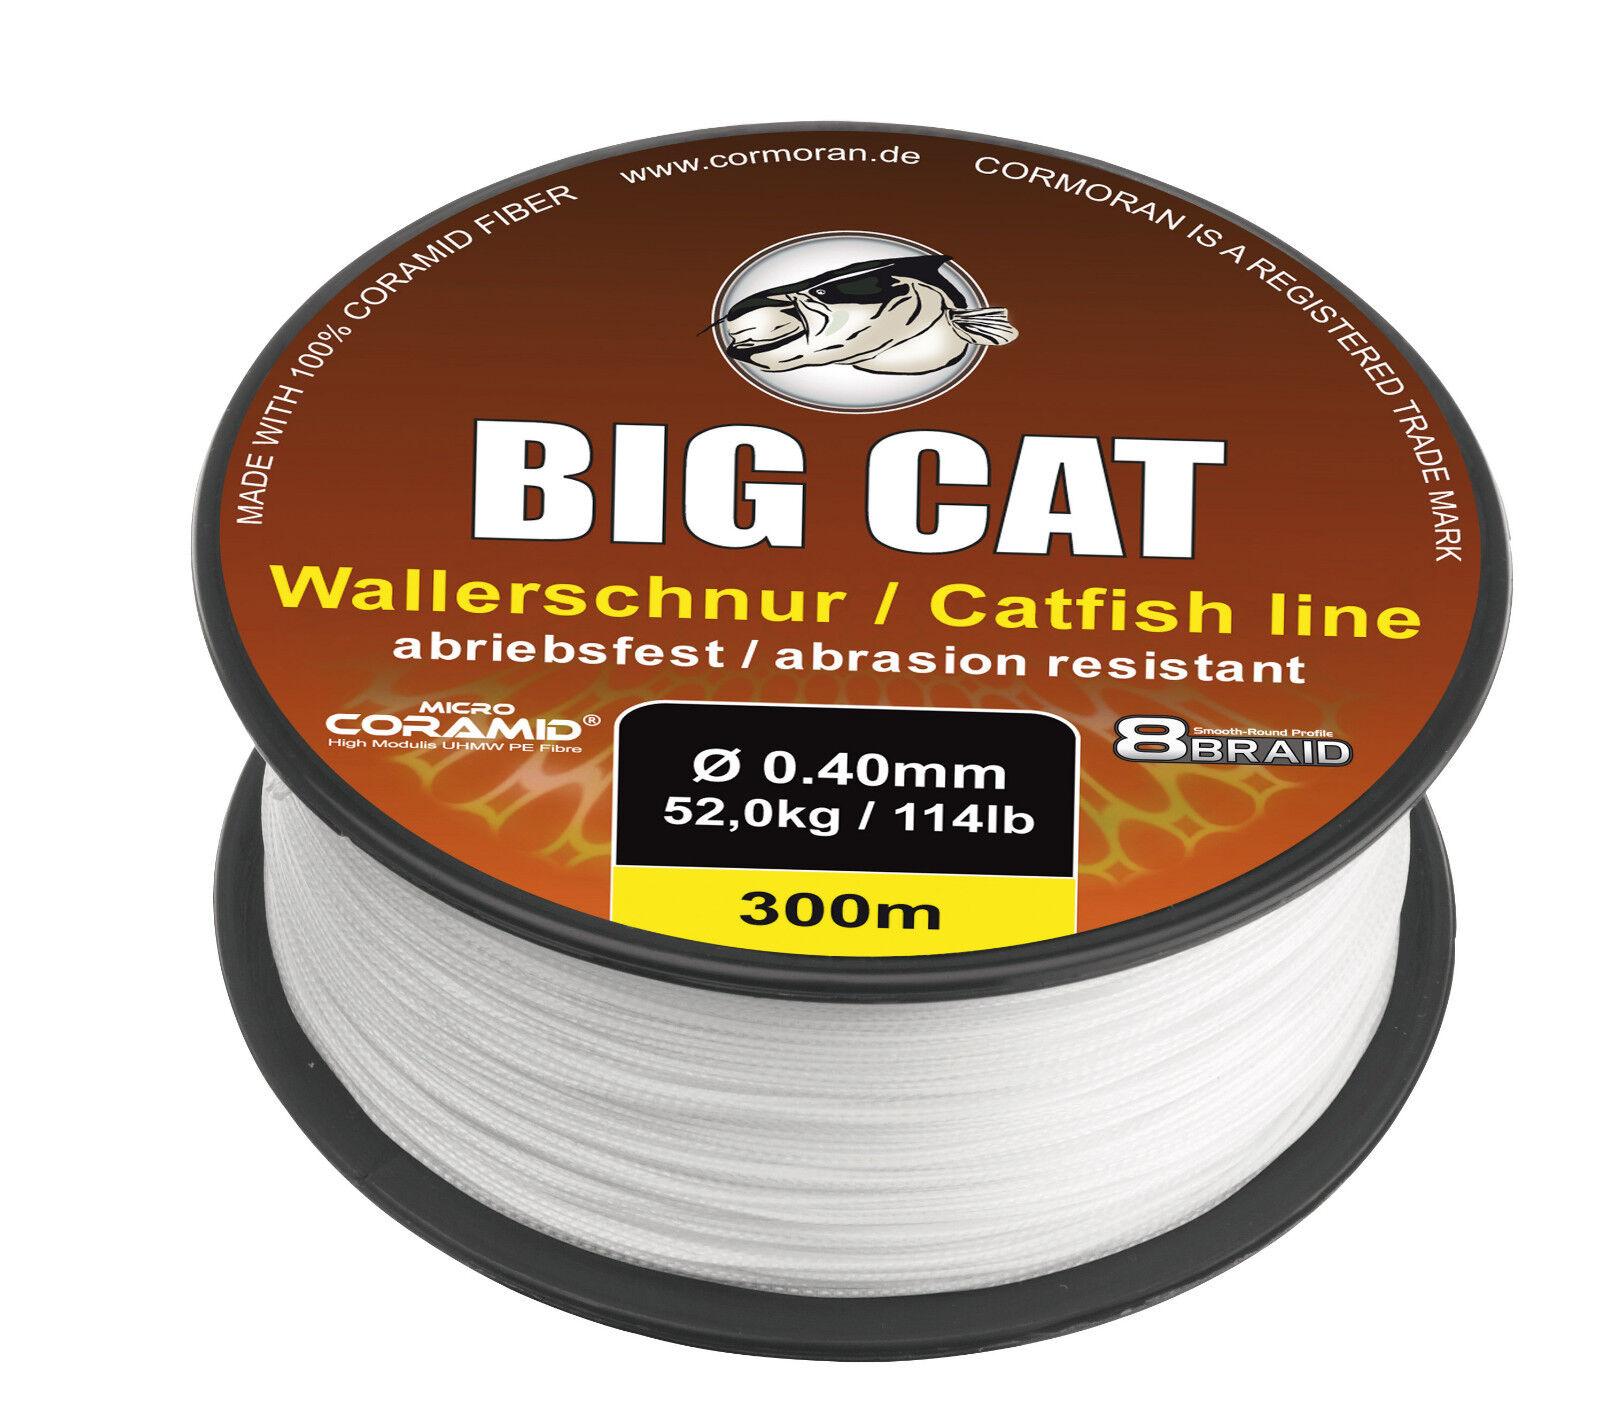 CORMORAN BIG CAT 8-BRAID CATFISH Geflochtene CORAMID Waller-Schnur   m